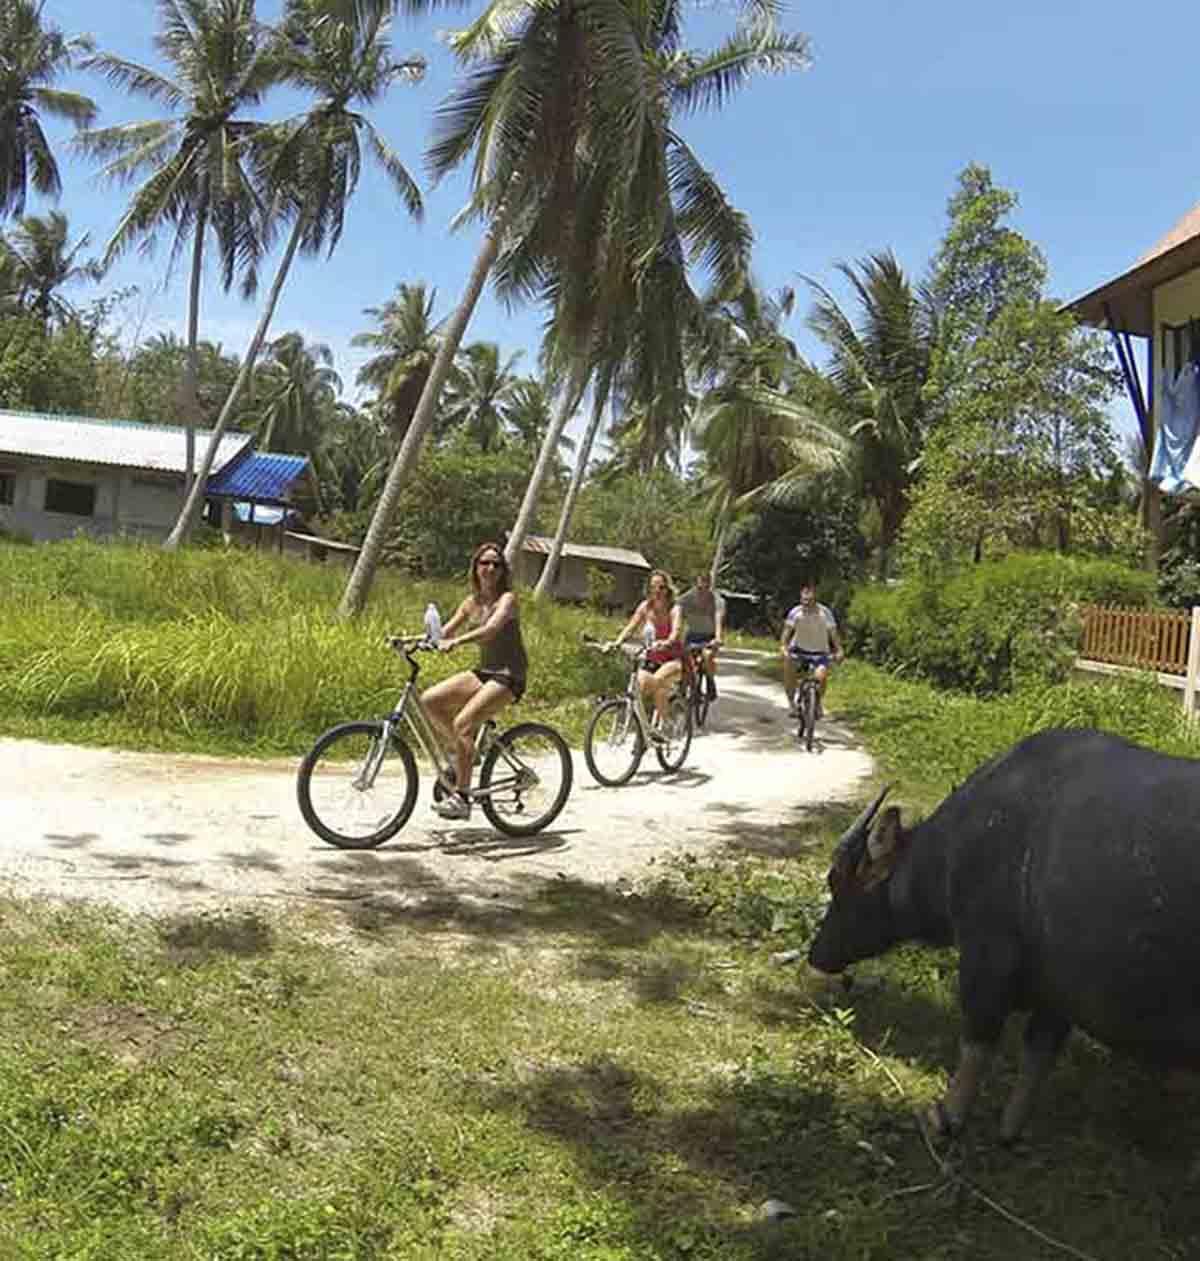 long-tail-boat-training-paradise-phuket-1